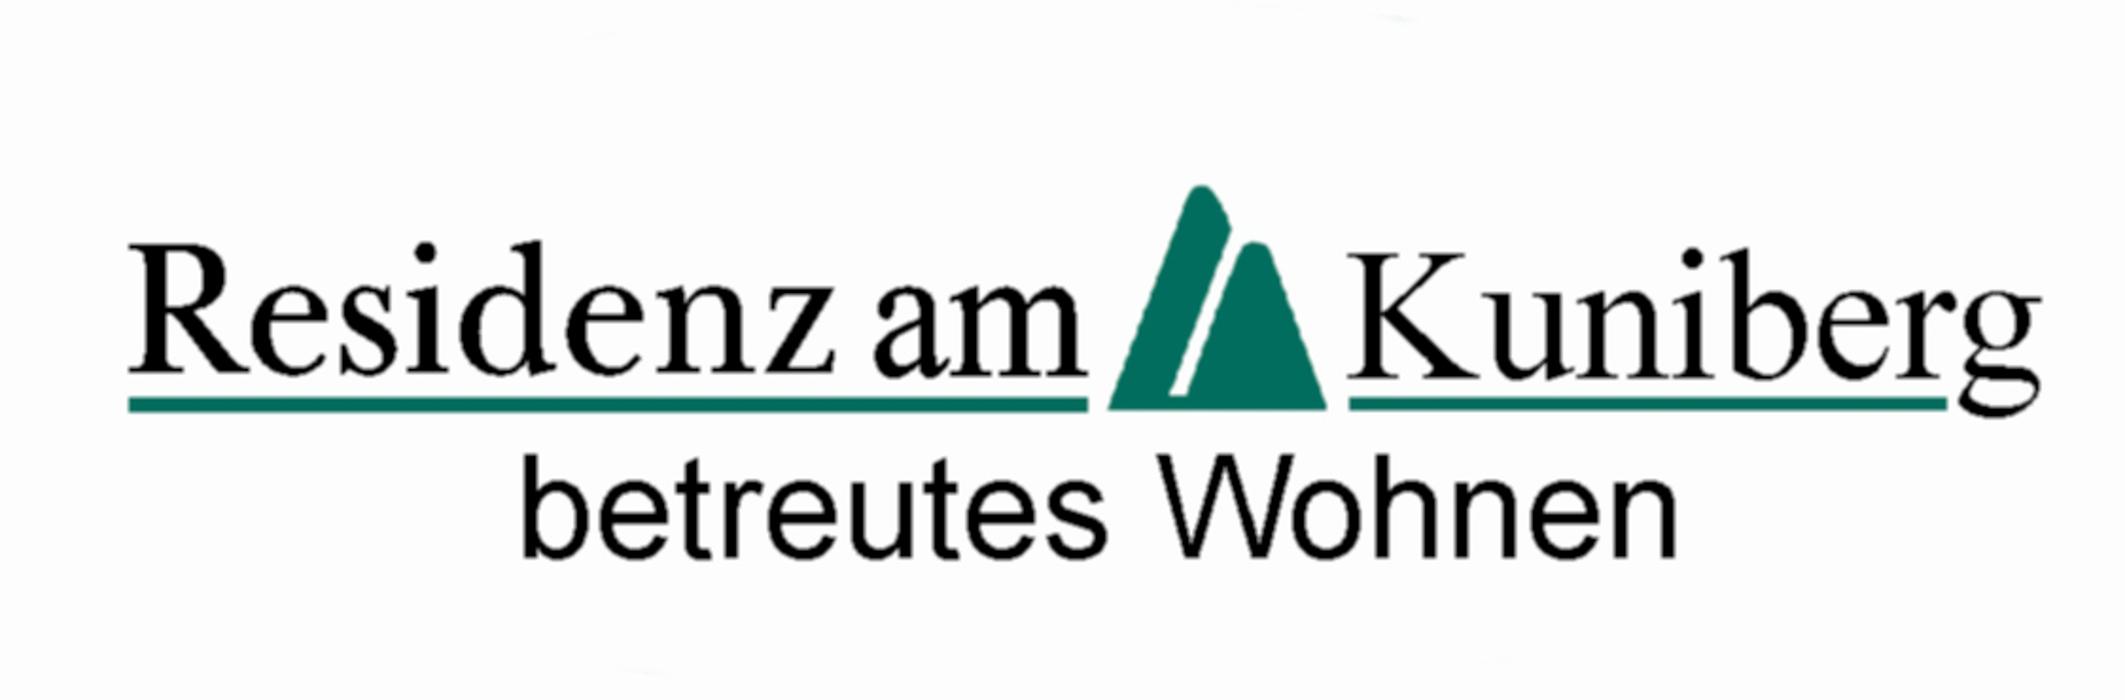 Bild zu Residenz am Kuniberg - betreutes Wohnen in Recklinghausen